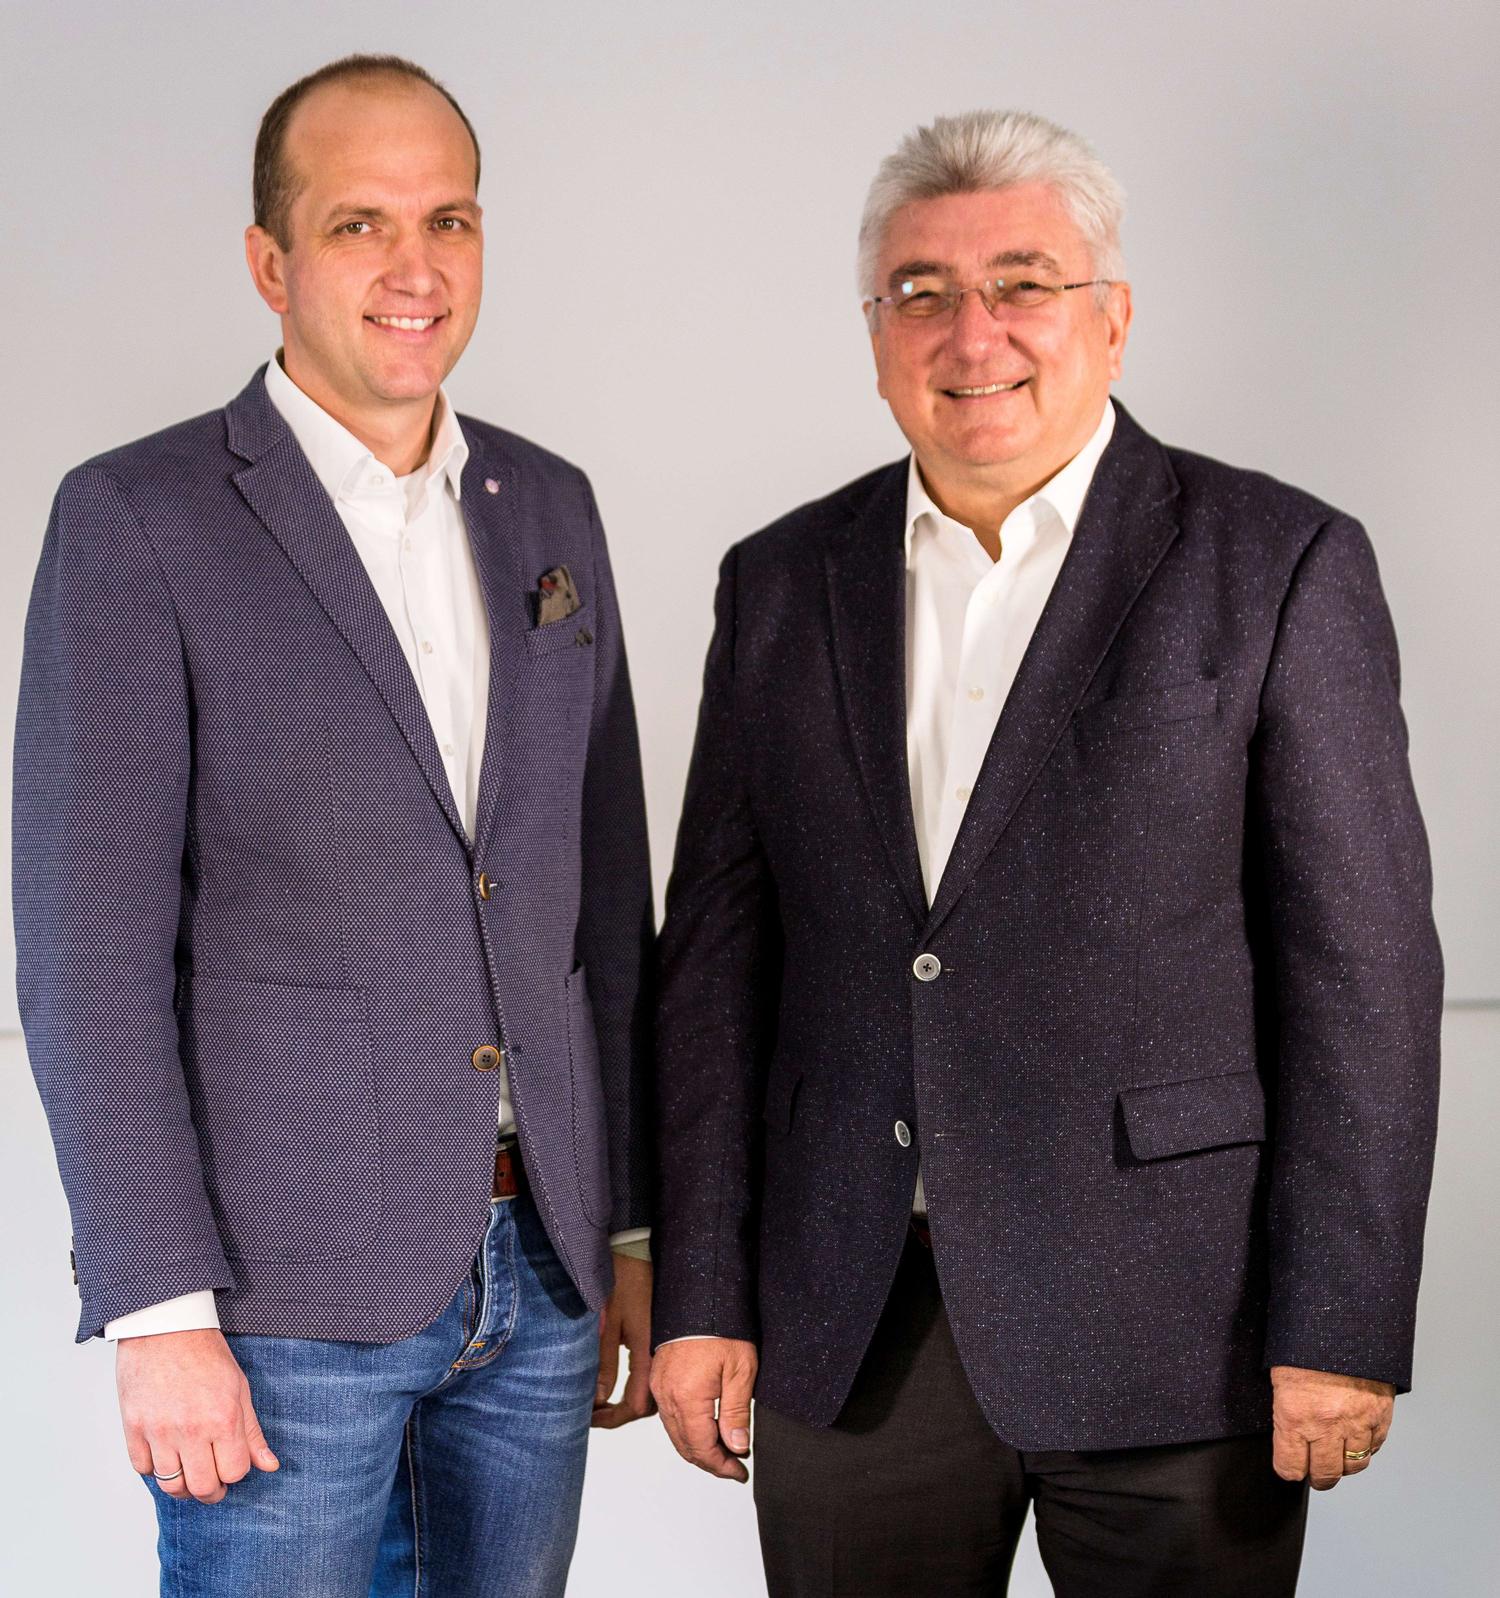 Geschäftsführer Alexander Schuon und Theo Schuon